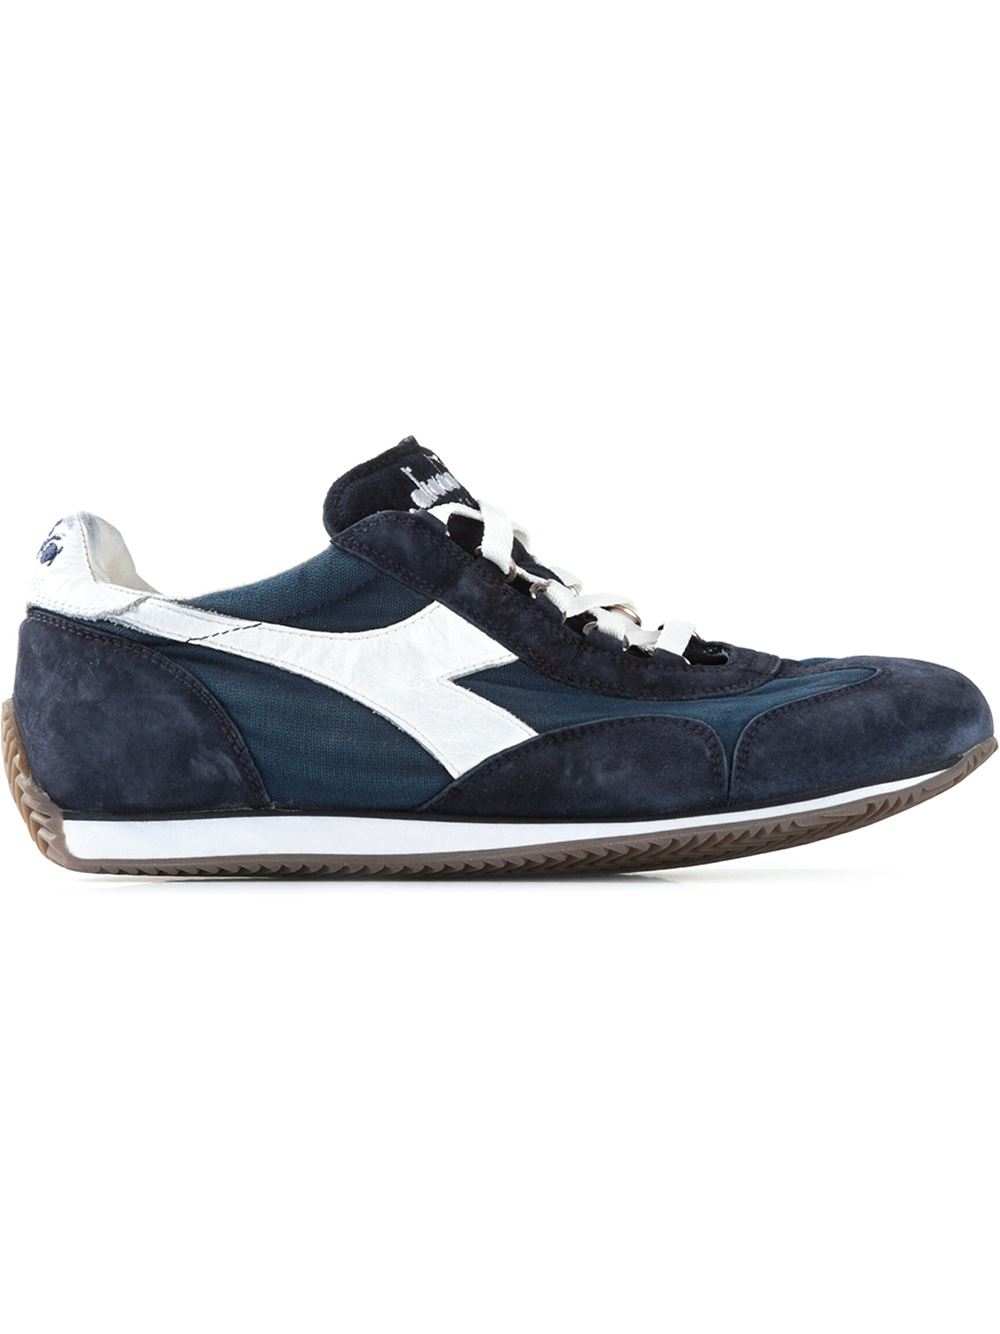 diadora sneakers - photo #29